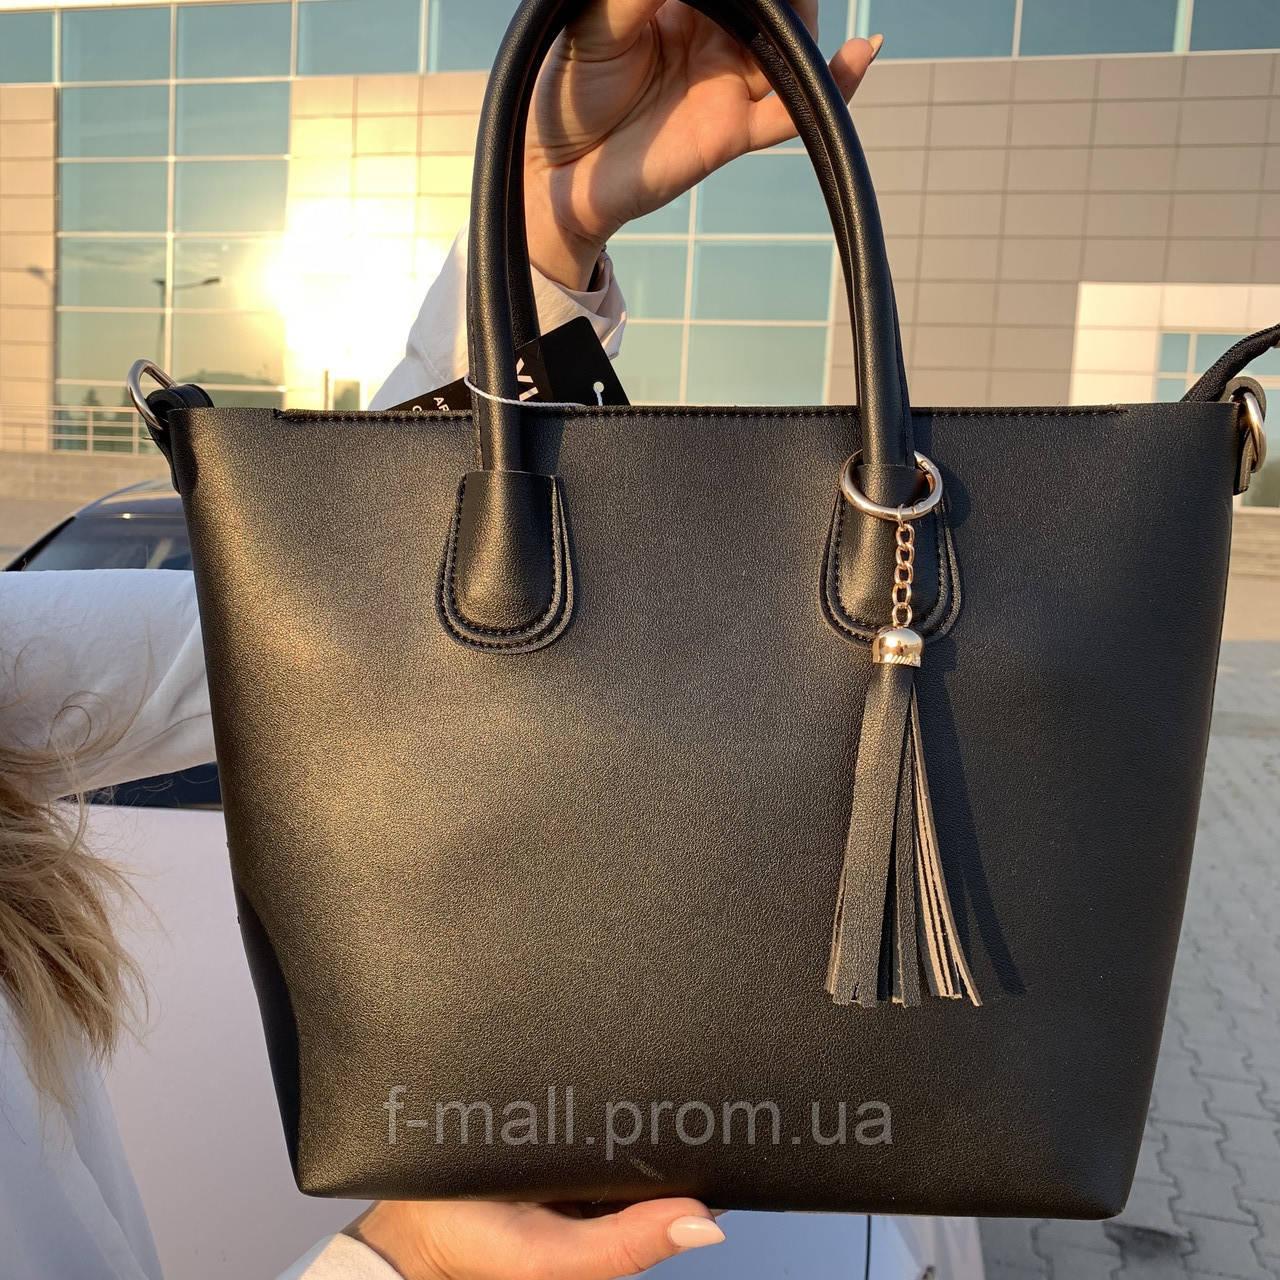 Женская сумка c косметичкой черная  (1006)